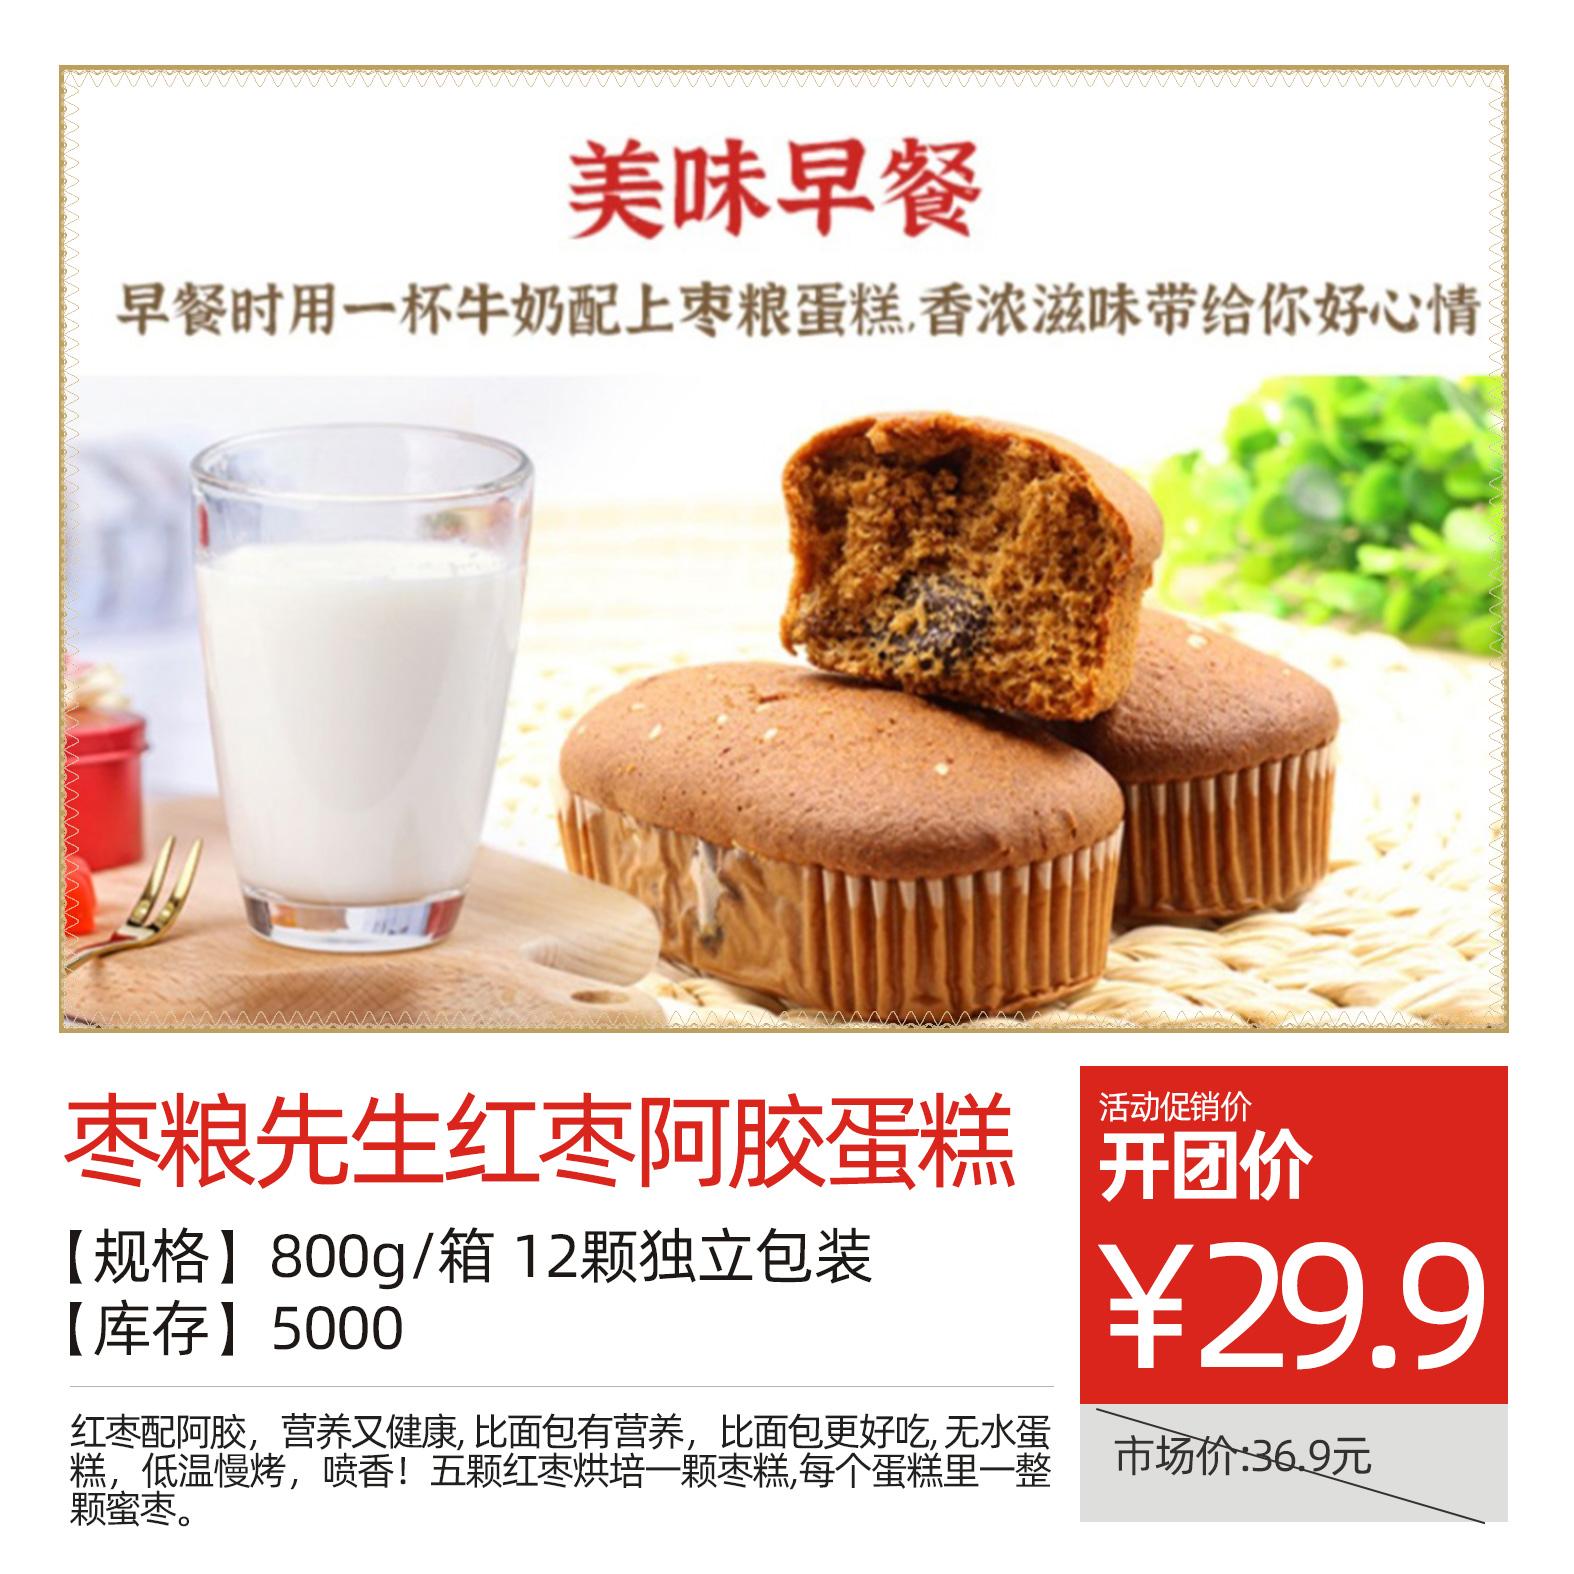 枣粮先生红枣阿胶蛋糕800克/箱